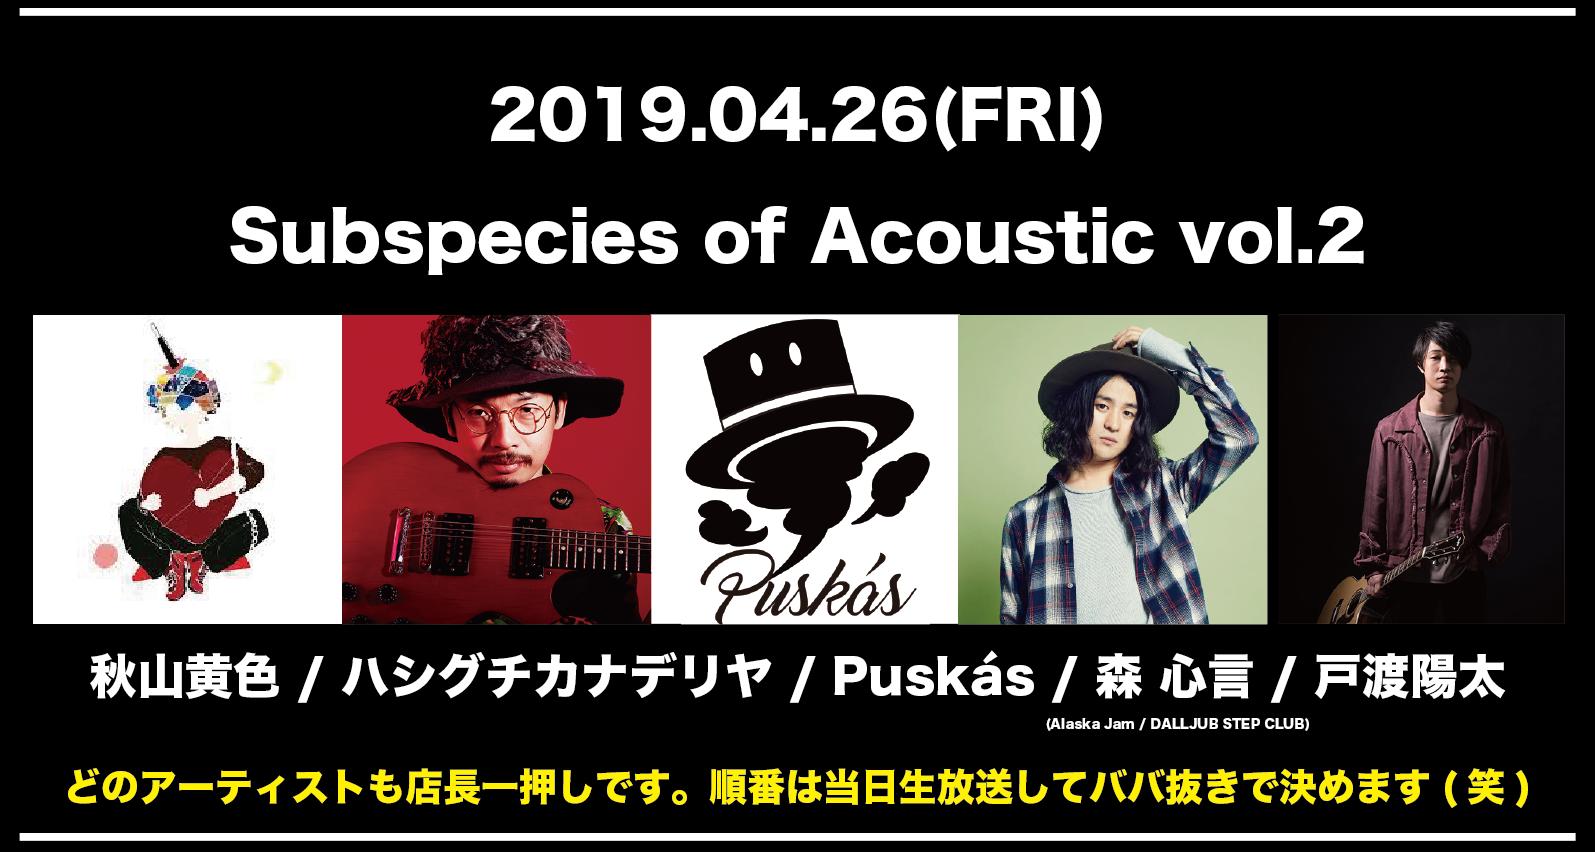 Subspecies of Acoustic vol.2